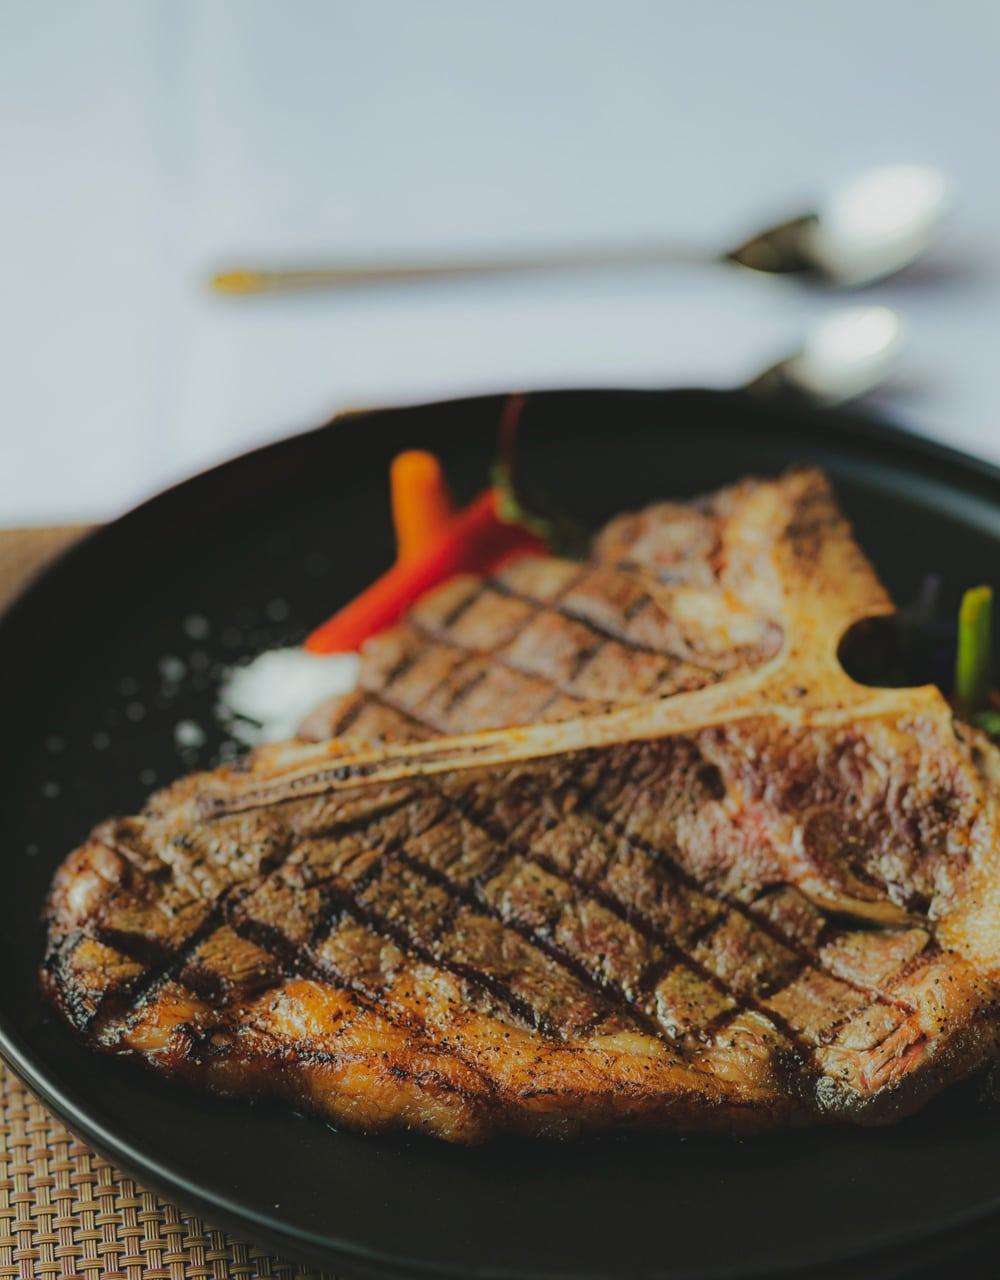 Bistecca alla fiorentina - ein gegrilltes Stück Porterhouse- oder T-Bone-Steak, Foto: Hanxiao / Unsplash